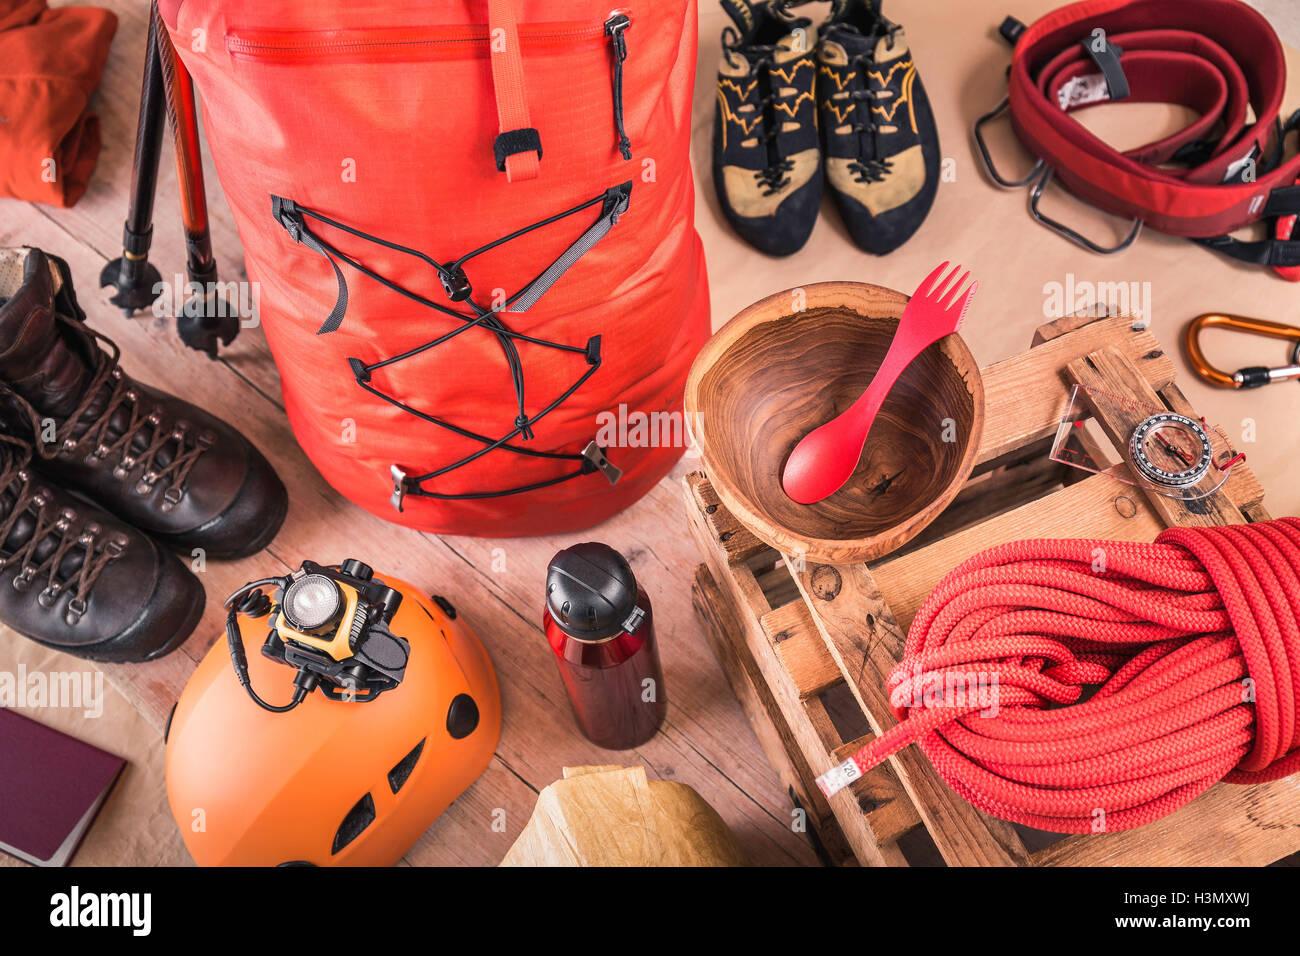 Rucksack Kletterausrüstung : Draufsicht der vorbereiteten kletterausrüstung mit rucksack